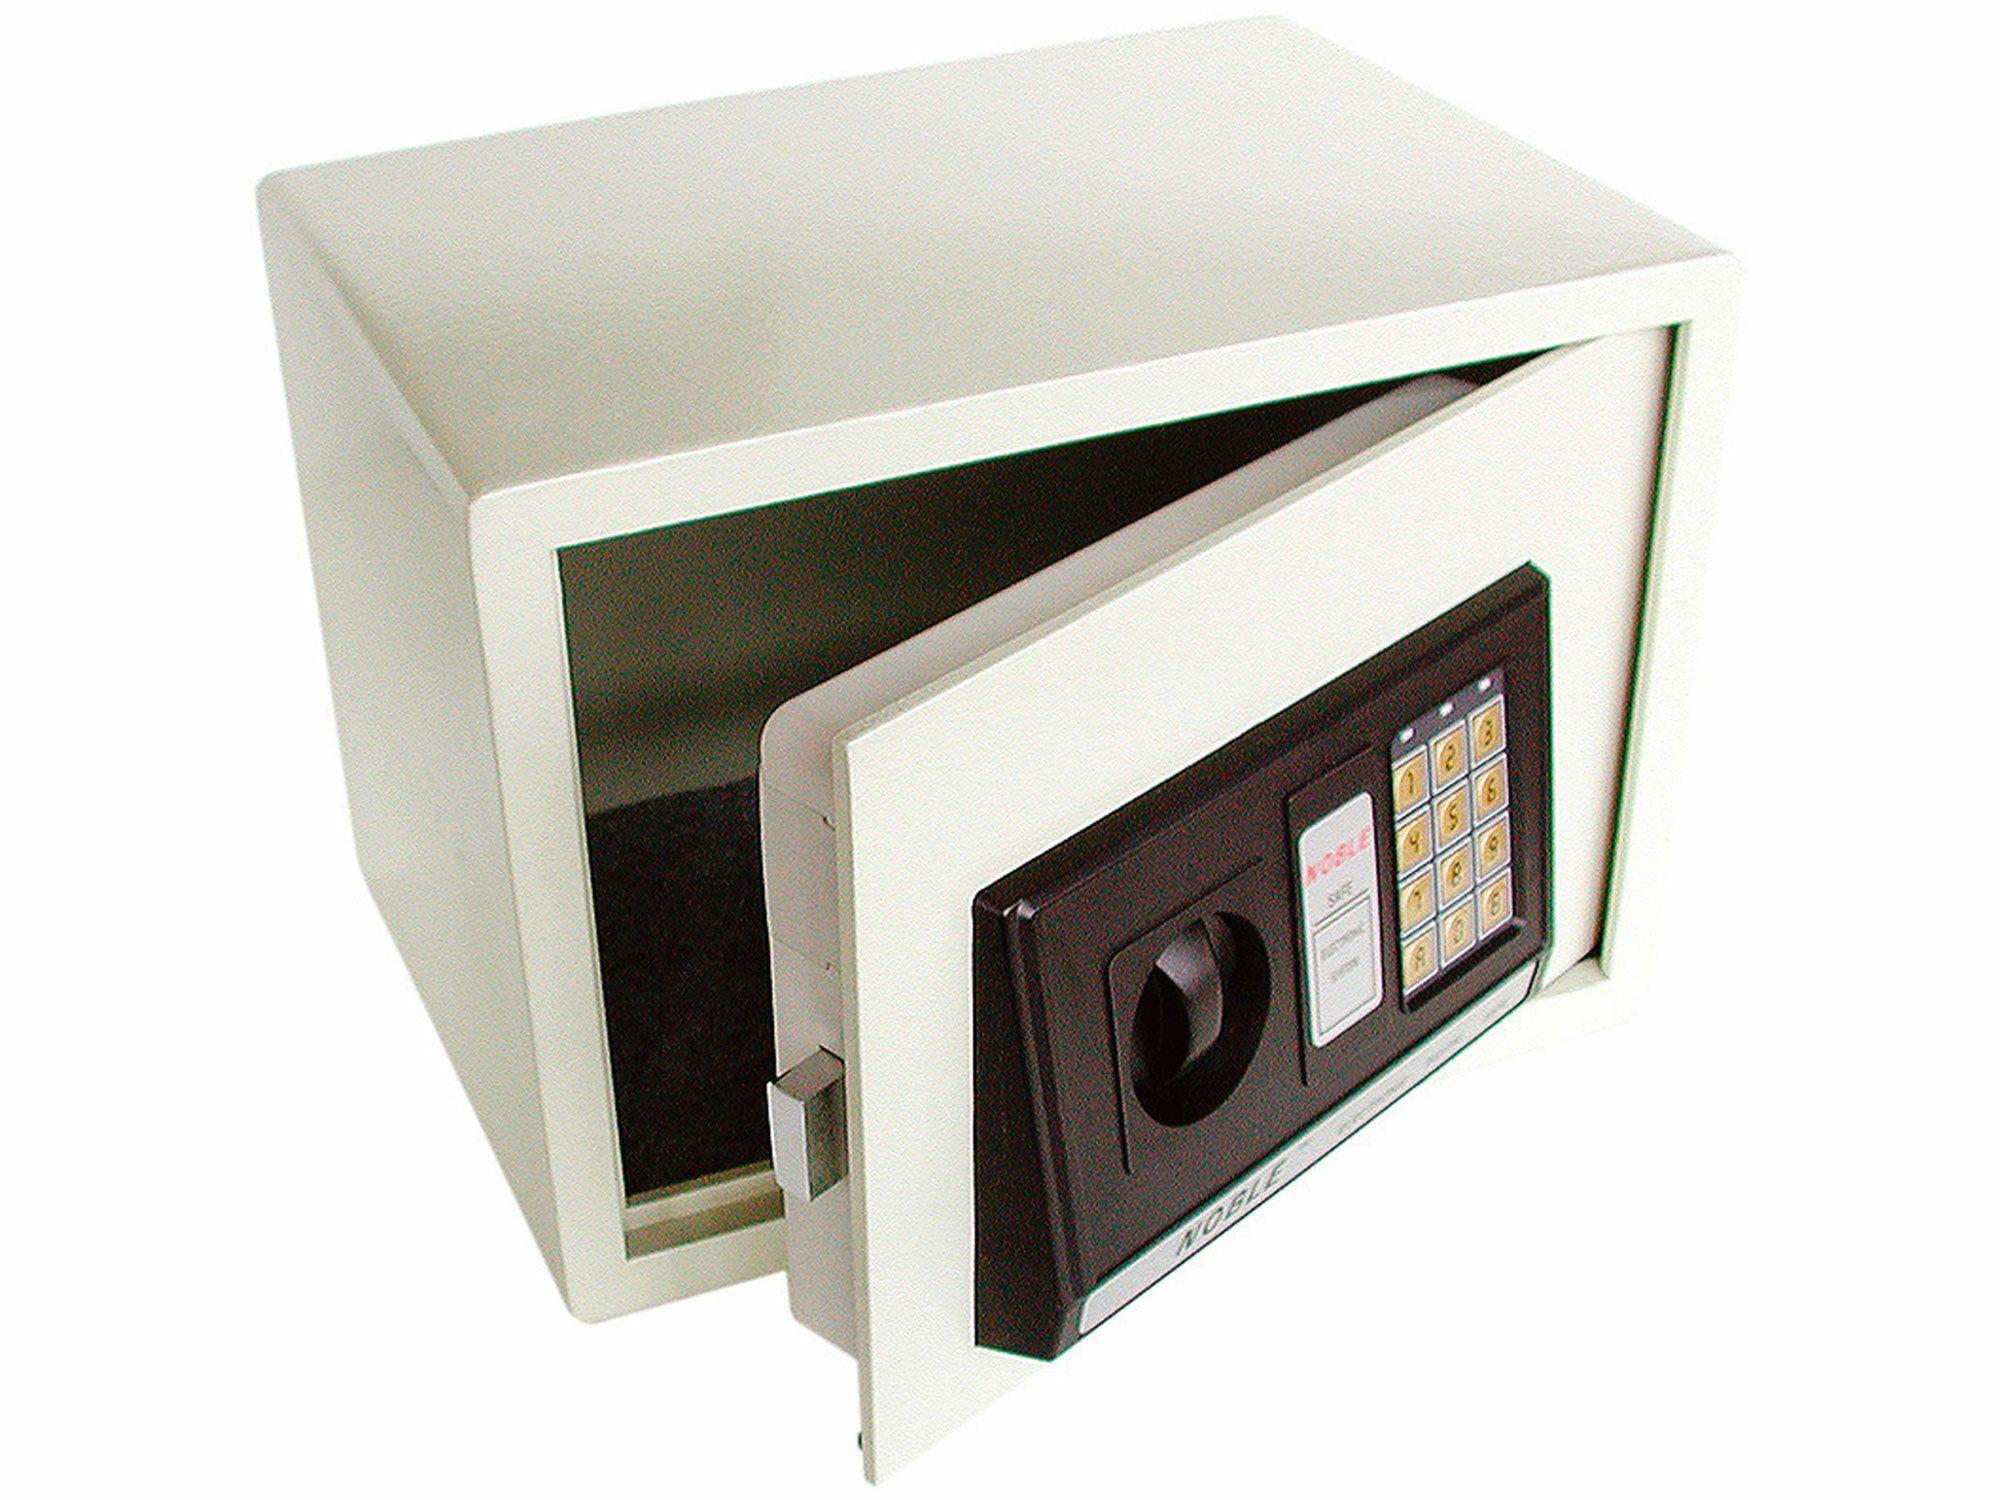 Sejf s elektronickým kódovým zabezpečením, 350x250x250mm, hmotnost 10kg EXTOL-CRAFT